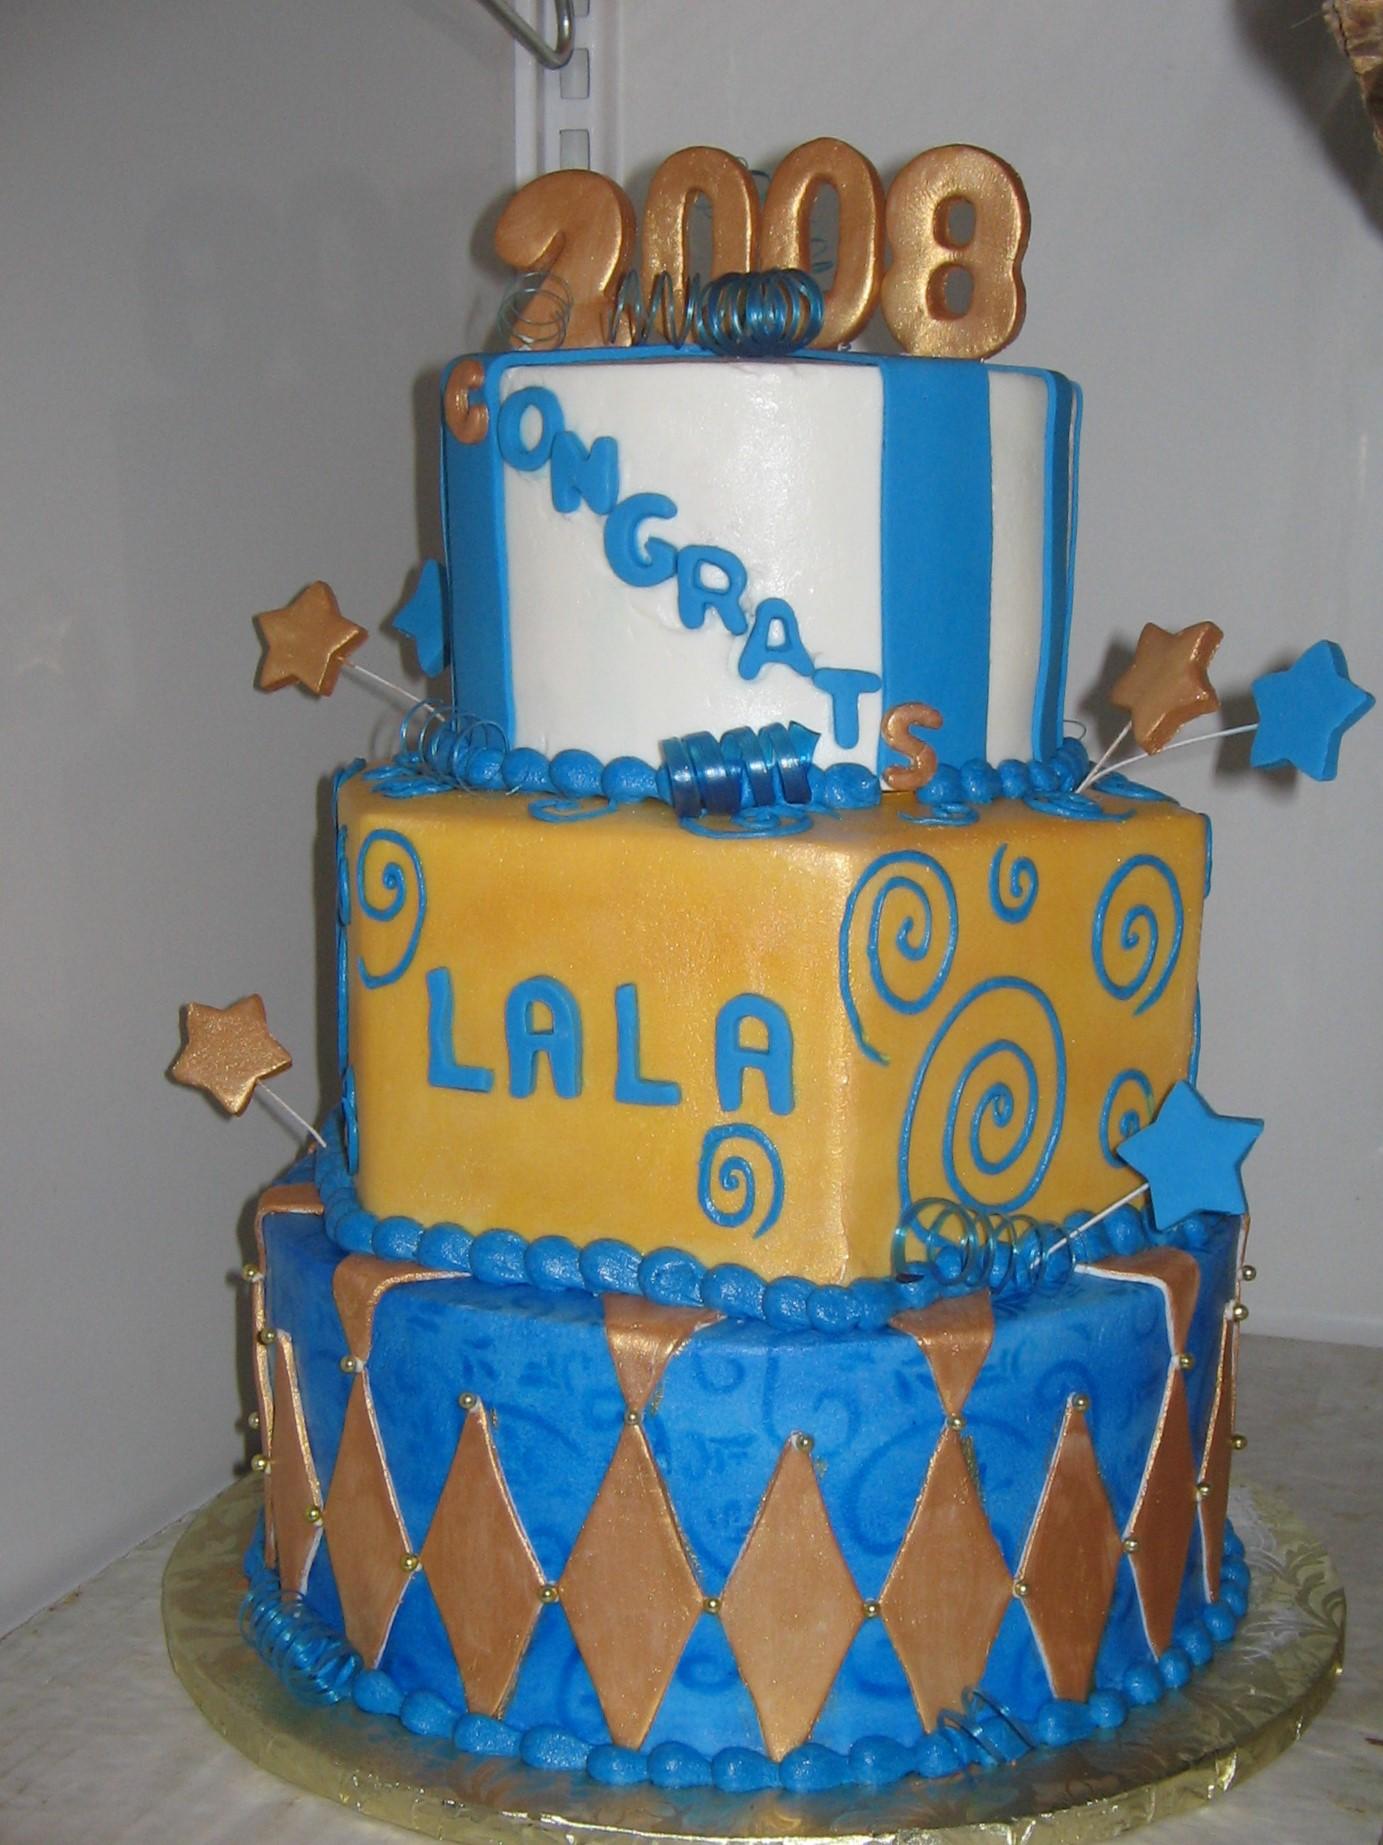 Klein High Grad Cake